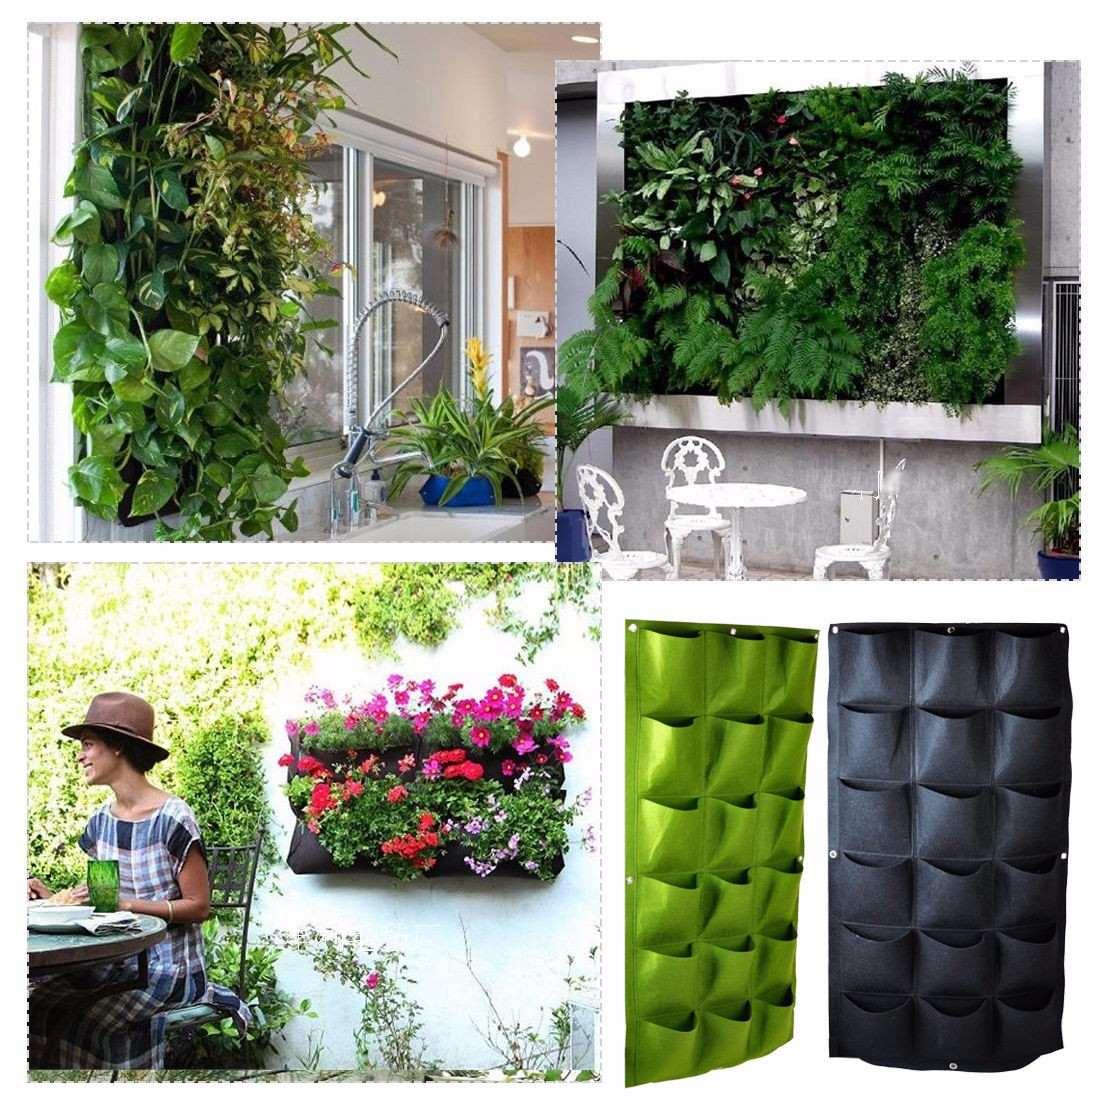 Macetas para jard n vertical o muro verde de 18 bolsas - Macetas para jardin vertical ...